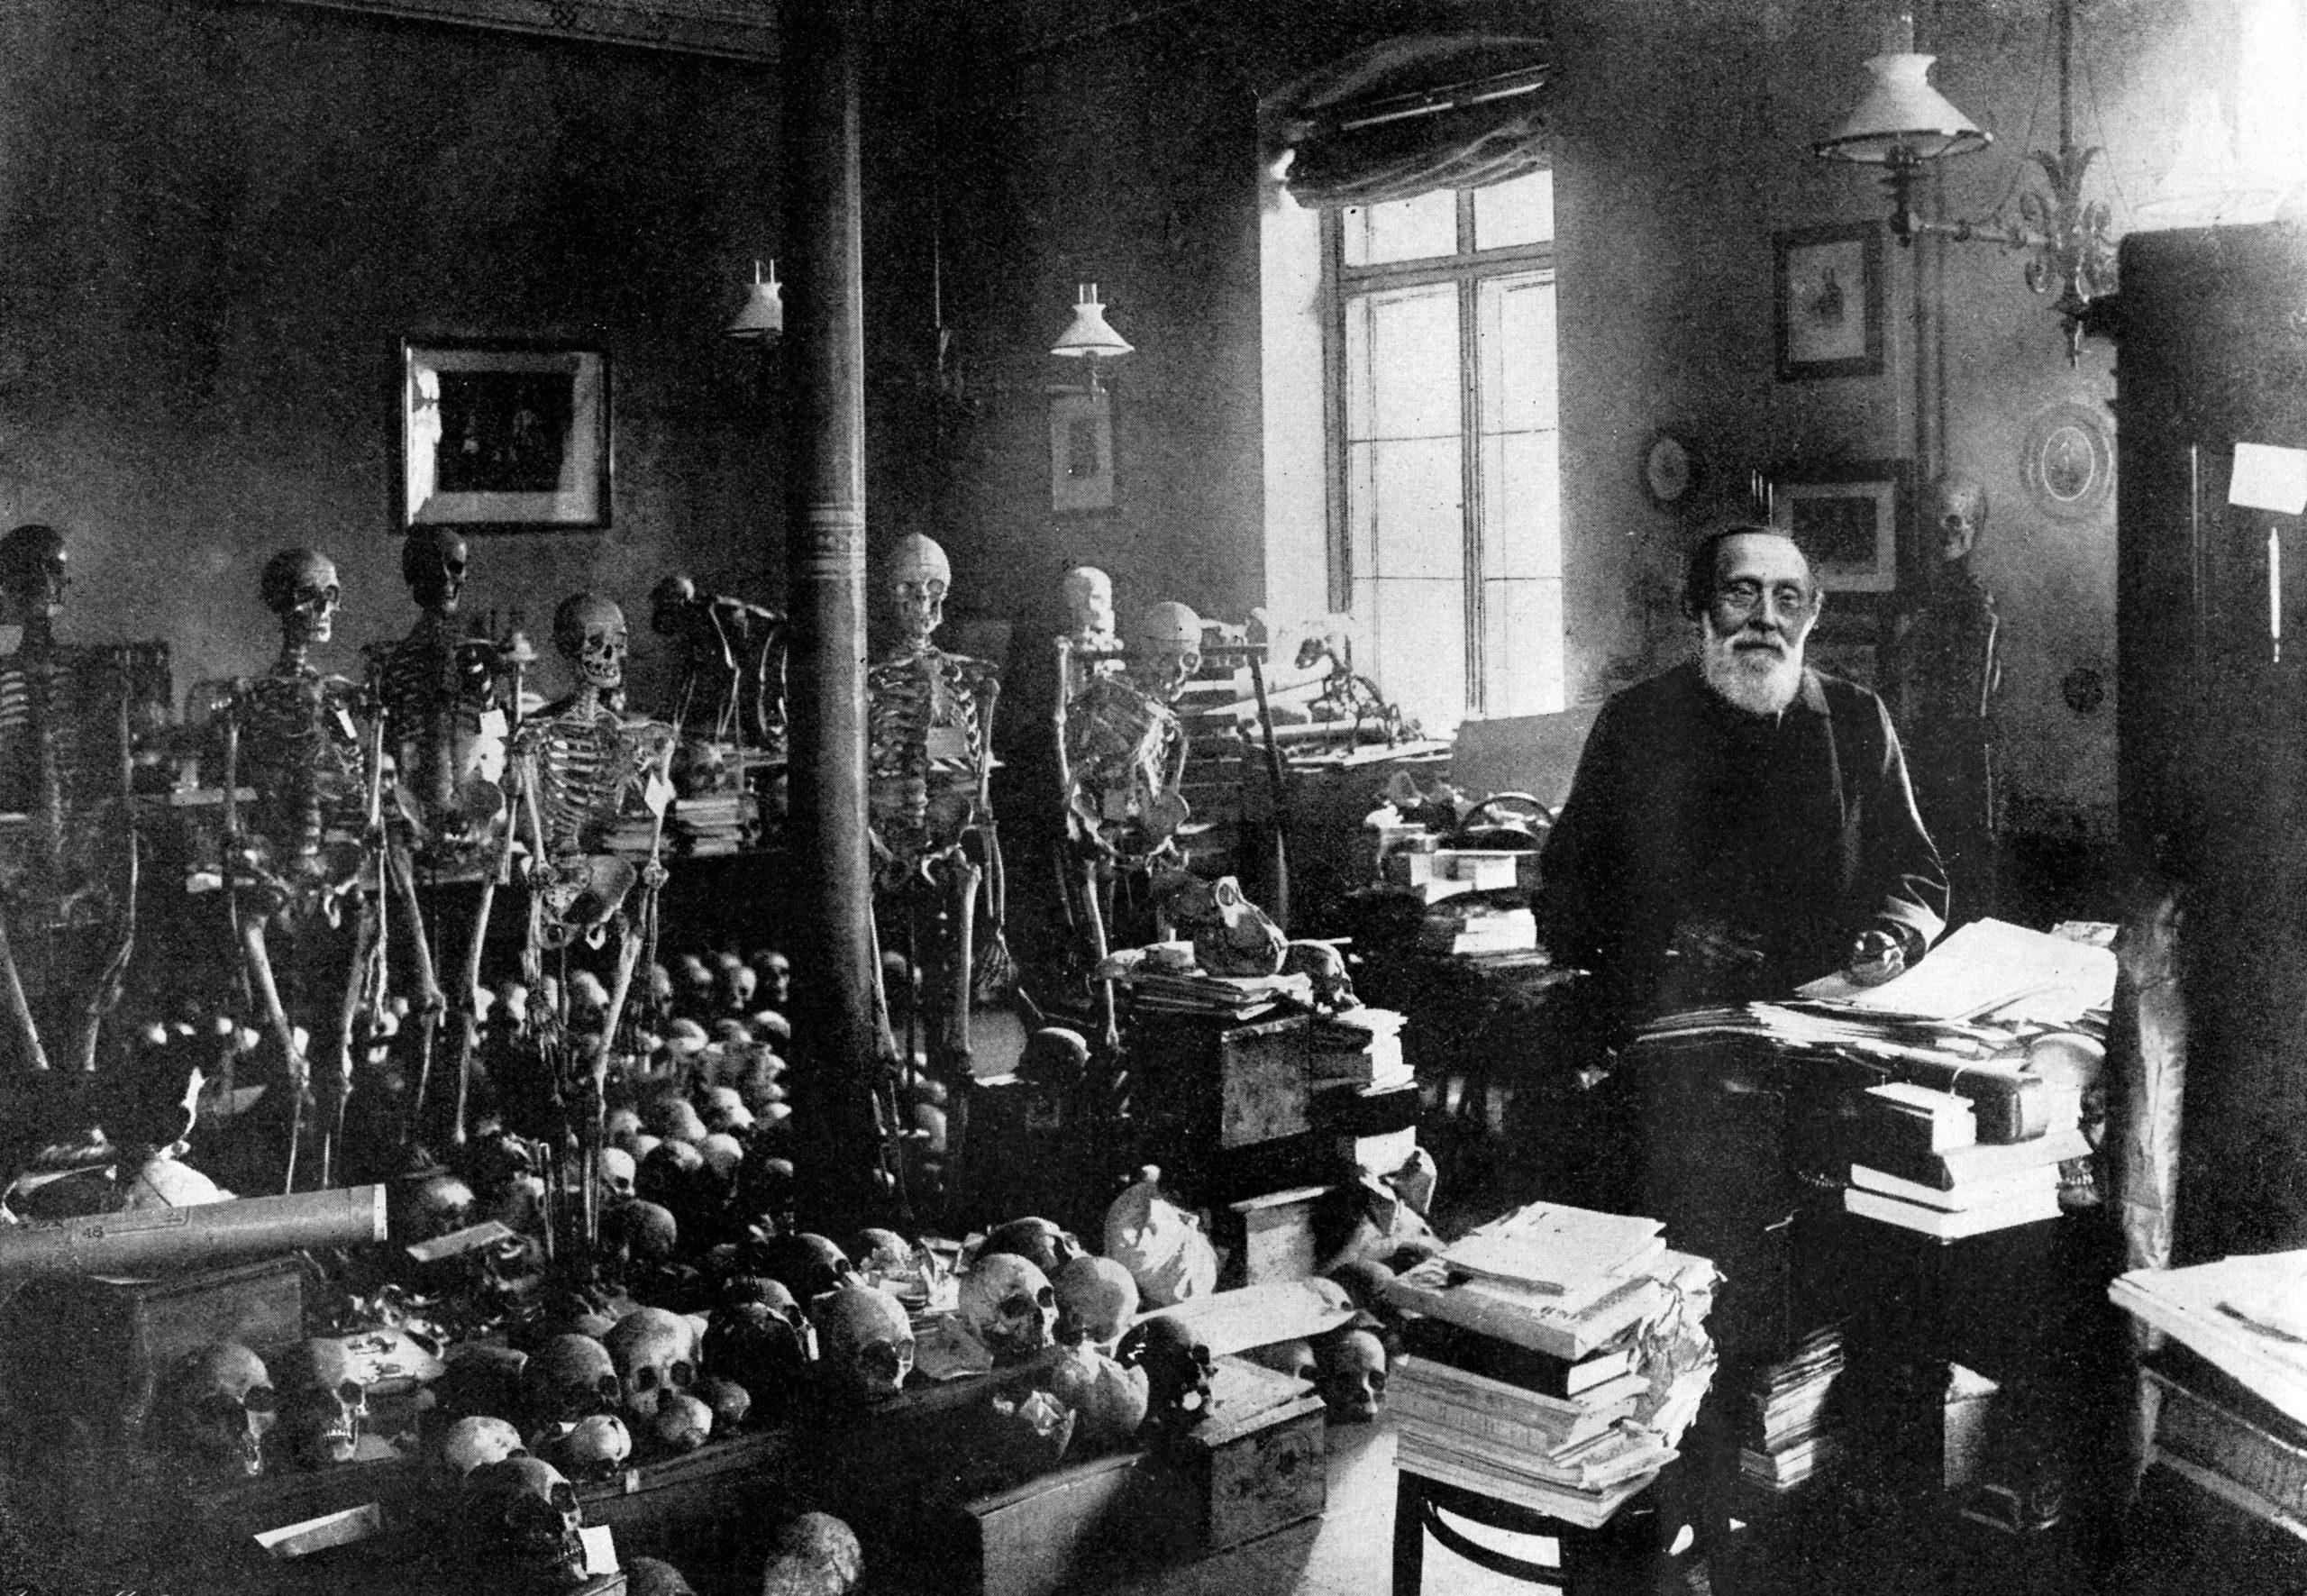 Virchow erlangte auch als Anthropologe und Ethnologe internationale Anerkennung. Hier in seinem Büro mit einem Teil seiner großen Sammlung an Skeletten und Schädeln. Foto: Imago/United Archives International